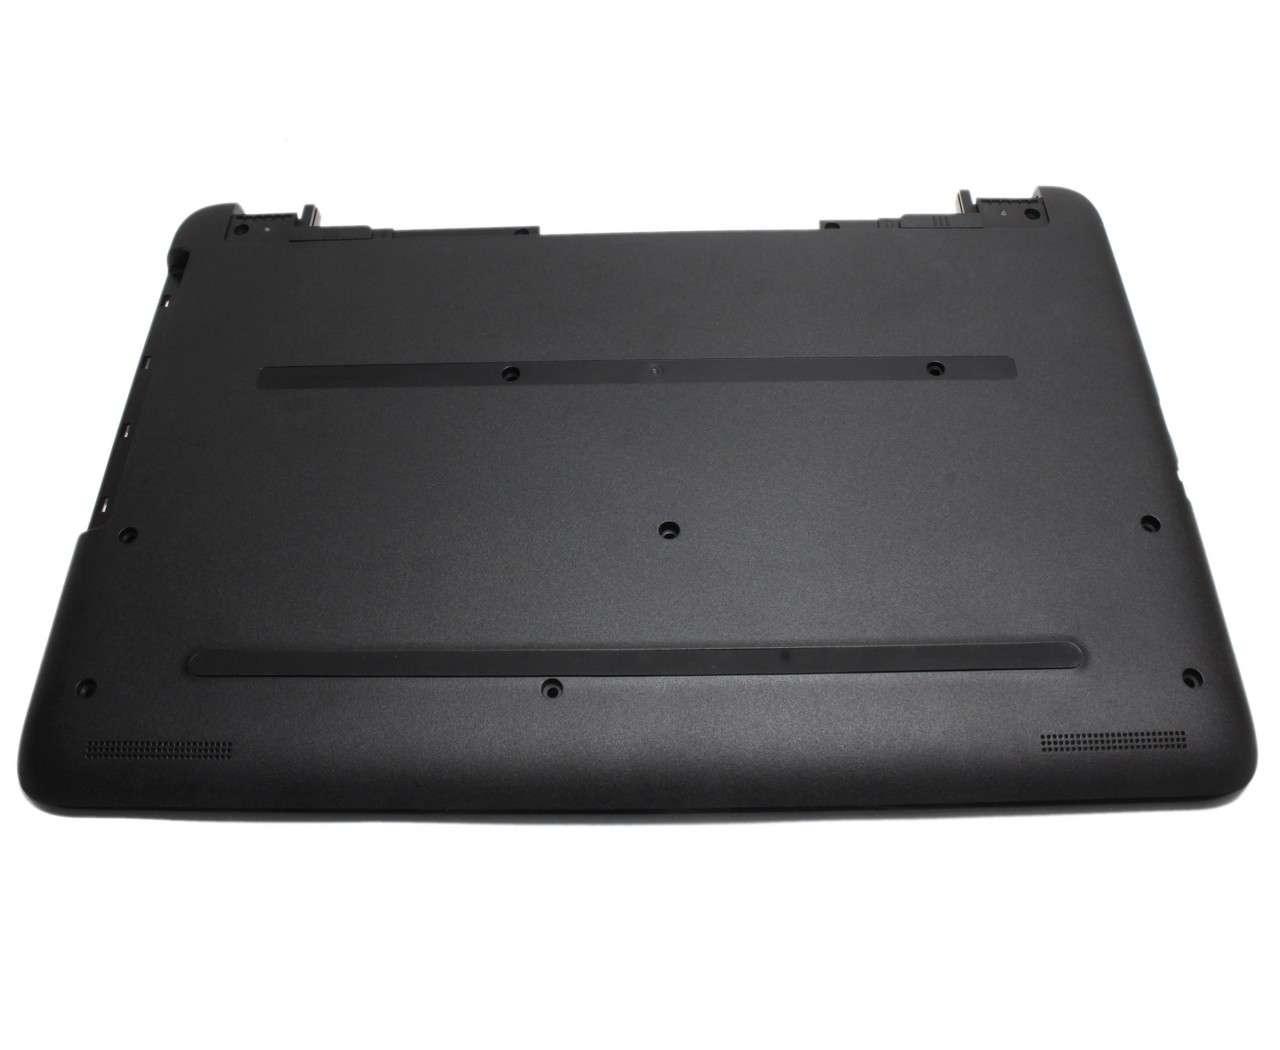 Bottom Case HP FA1EM000B00 Carcasa Inferioara Neagra imagine powerlaptop.ro 2021